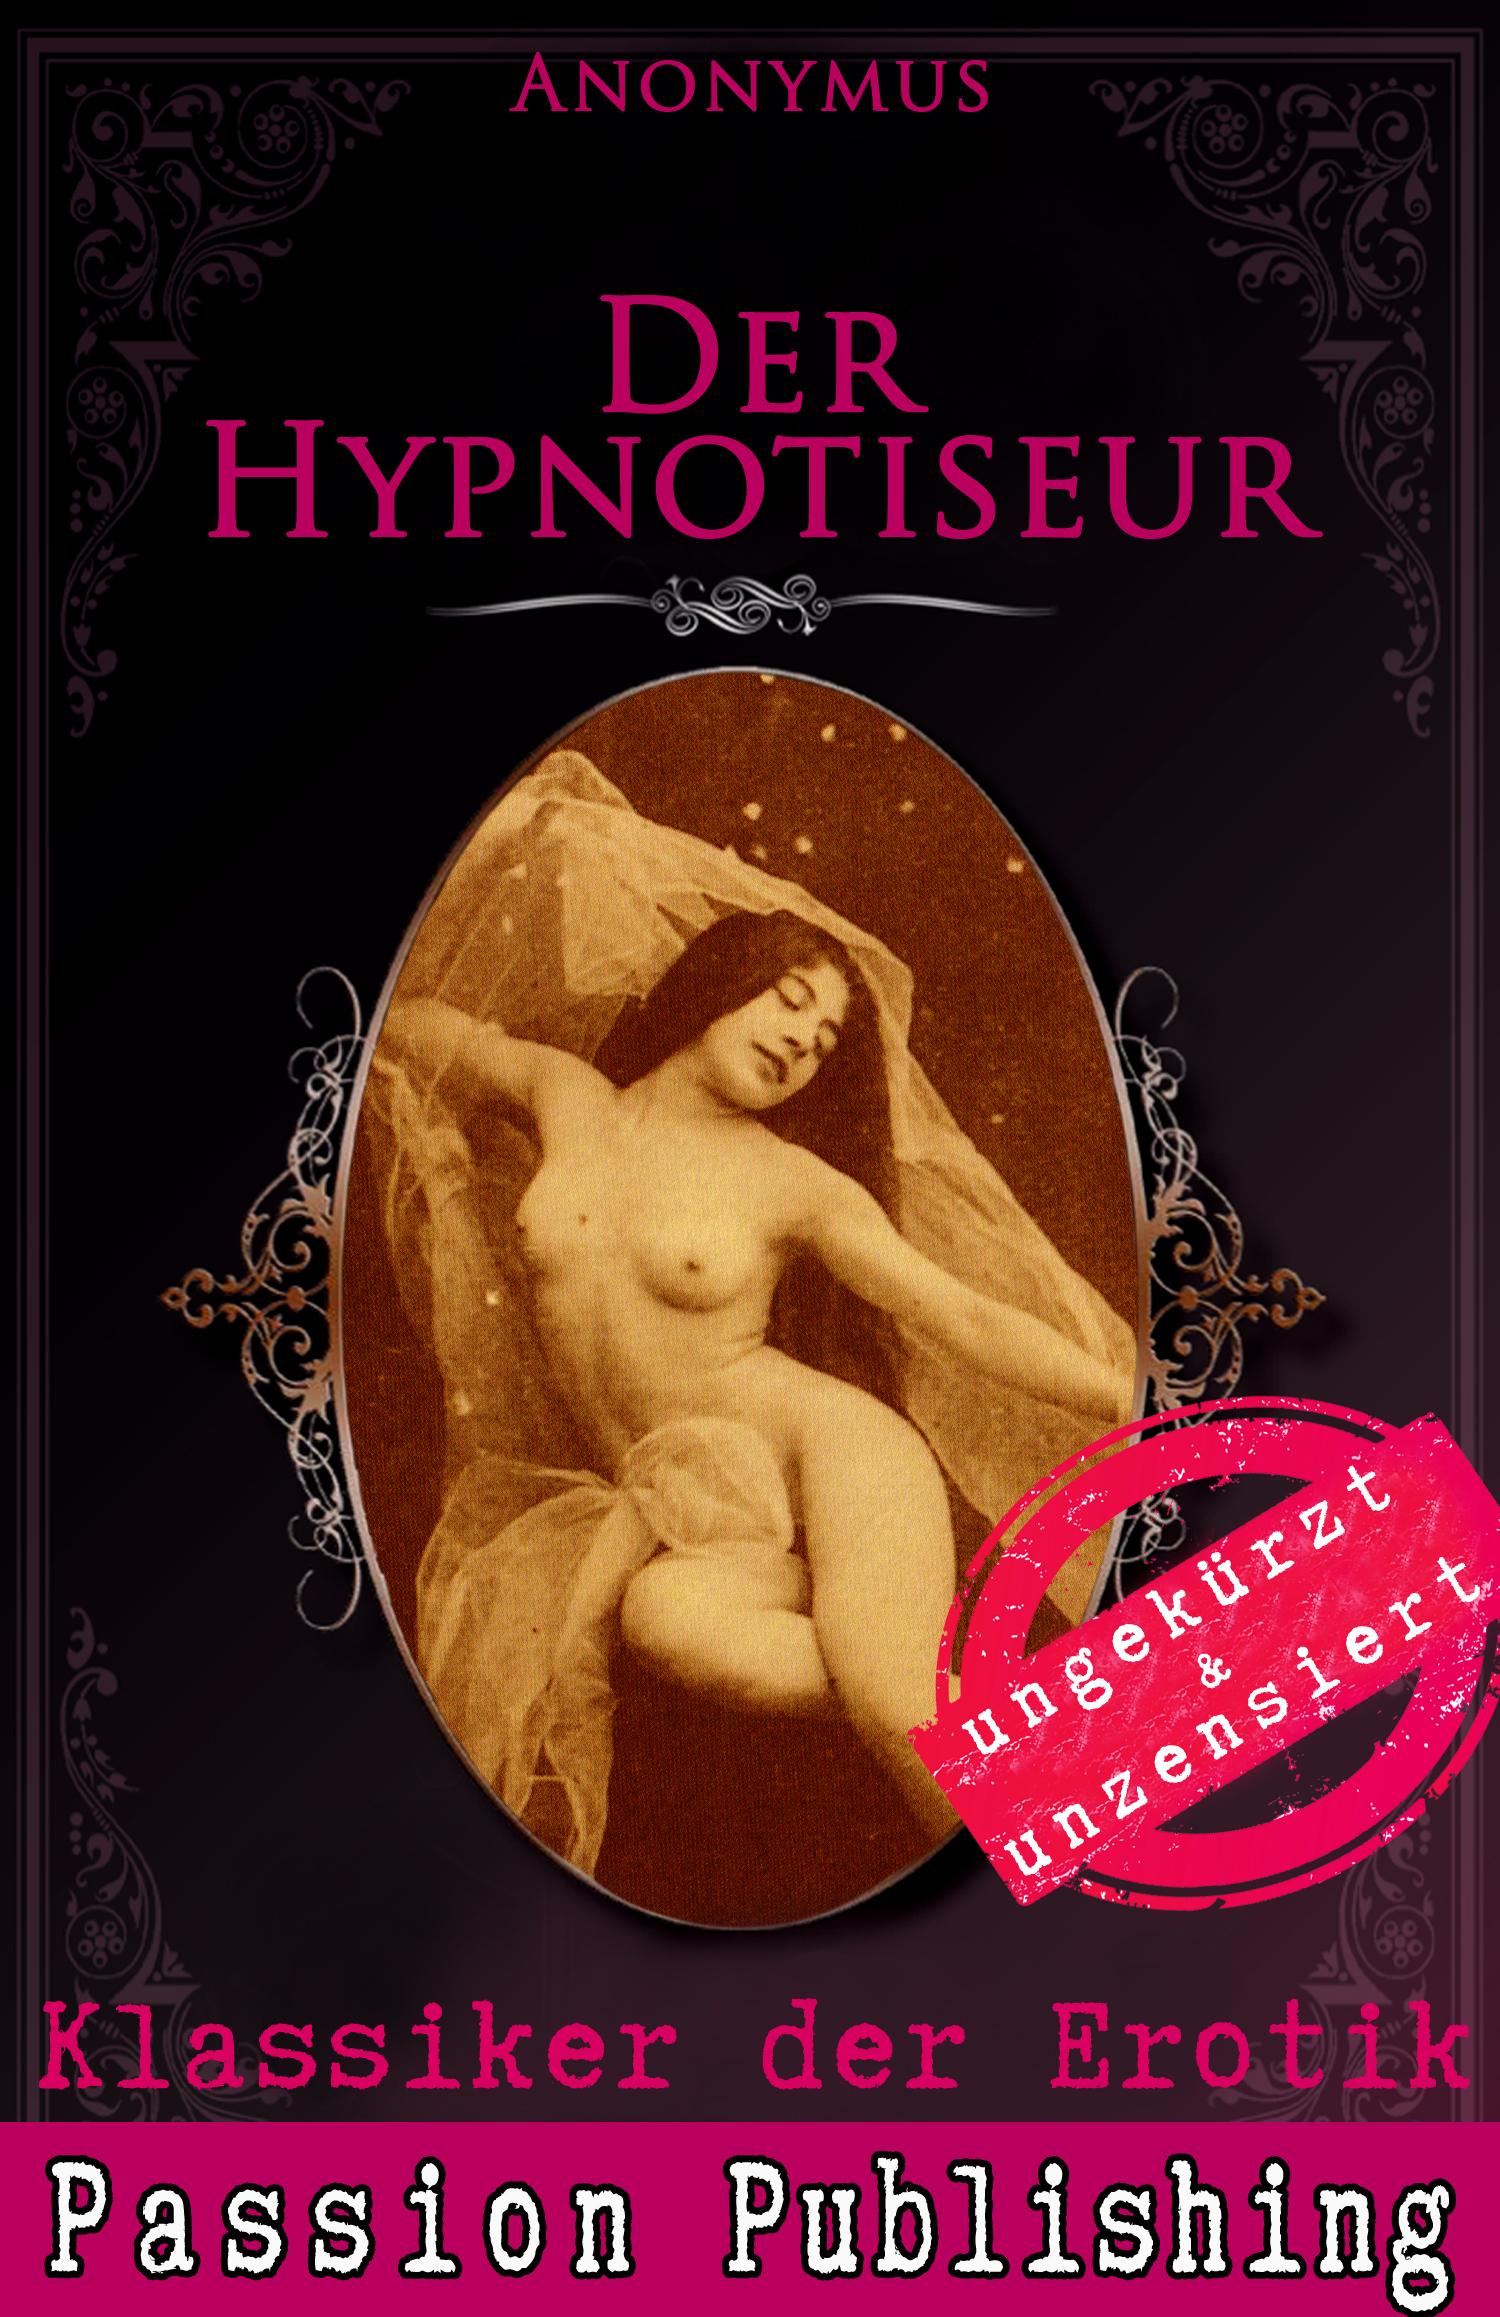 Anonymus Klassiker der Erotik 43: Der Hypnotiseur